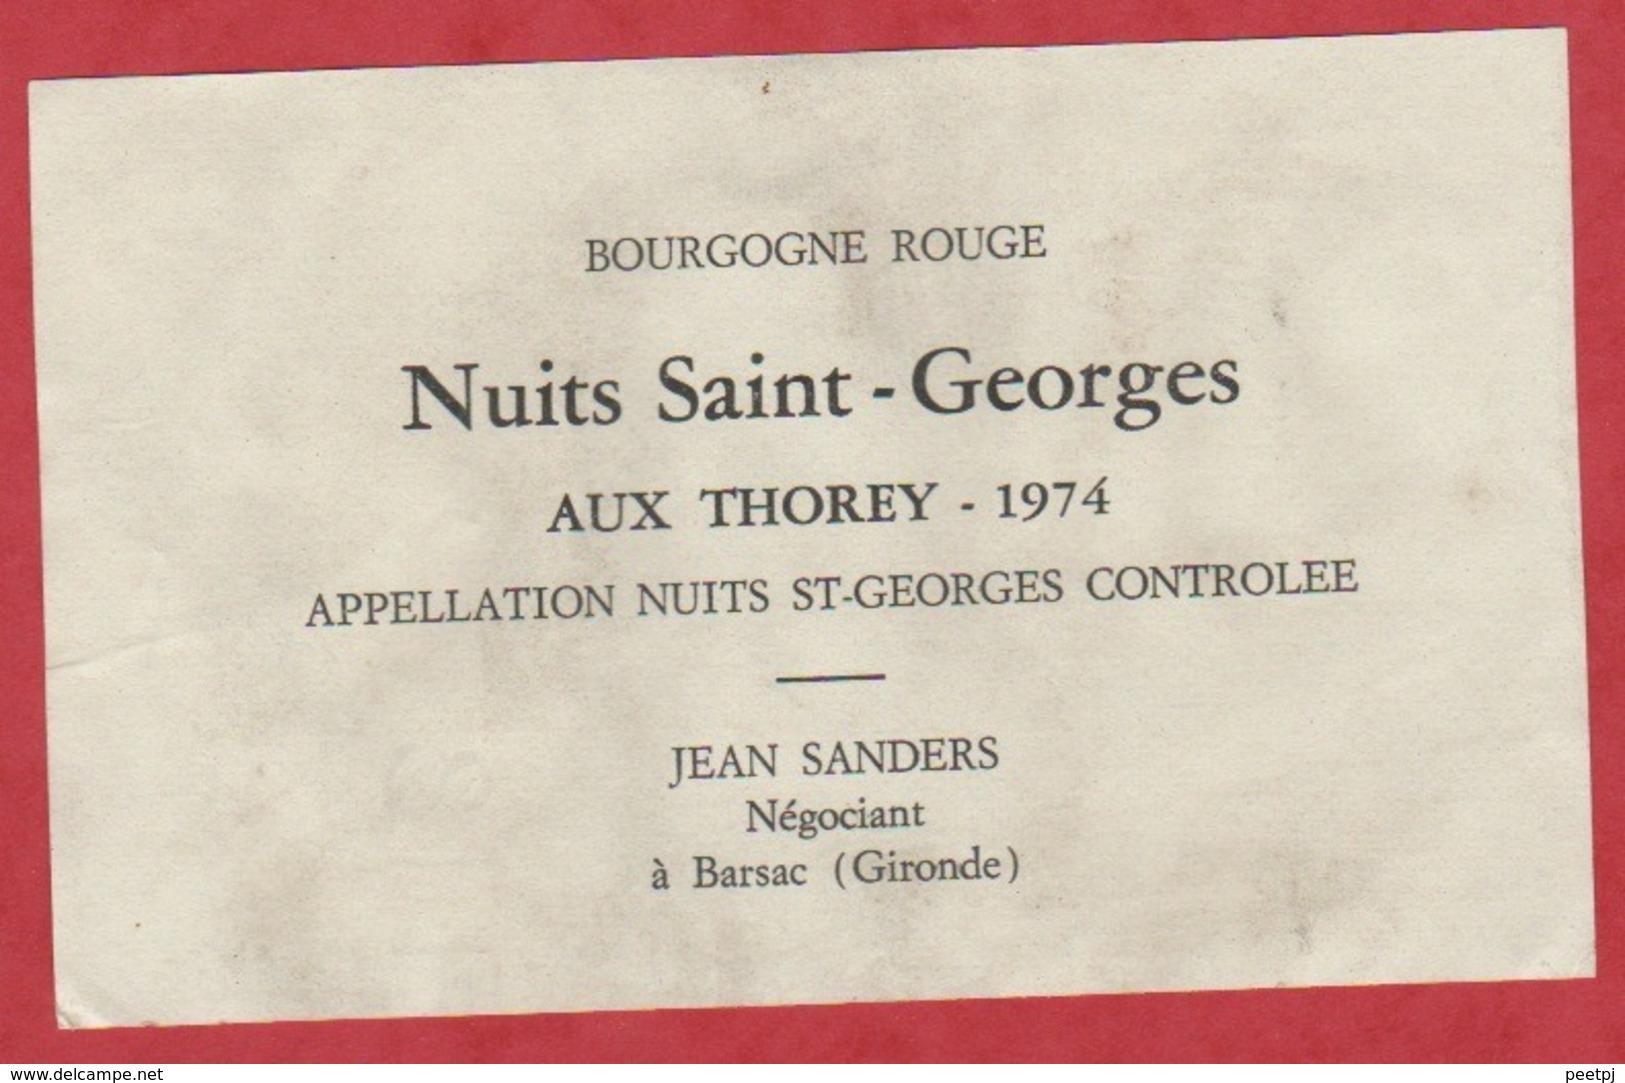 Etiquette - Vin - France - Nuits St-Georges - 1974 - Nuits St-Georges Aux Thorey. - Etiquettes